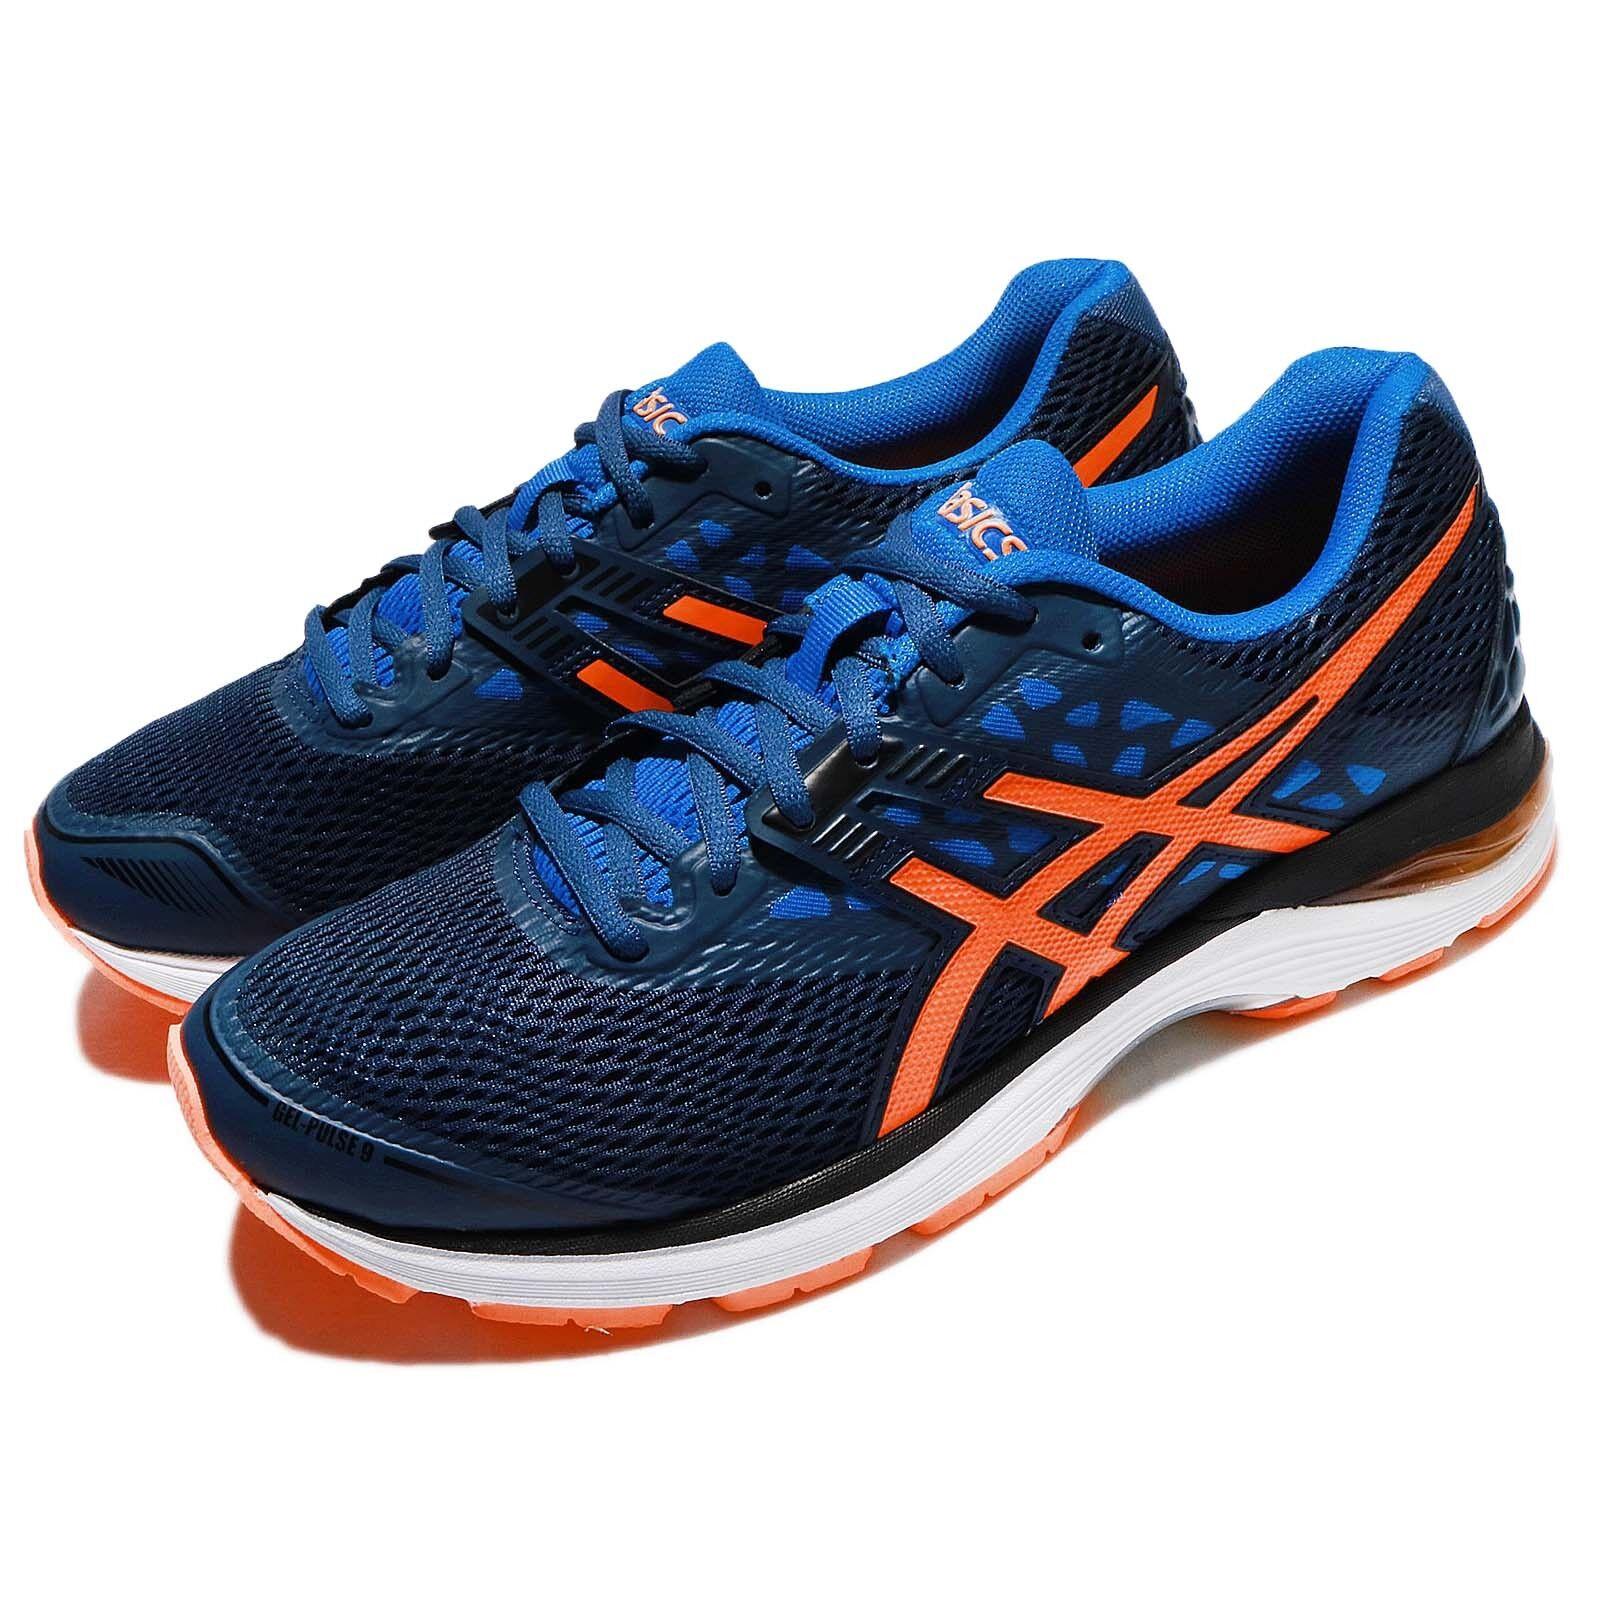 Asics Gel-Pulse 9 Dark blueee orange Men Running Athletic shoes Sneaker T7D3N-4930